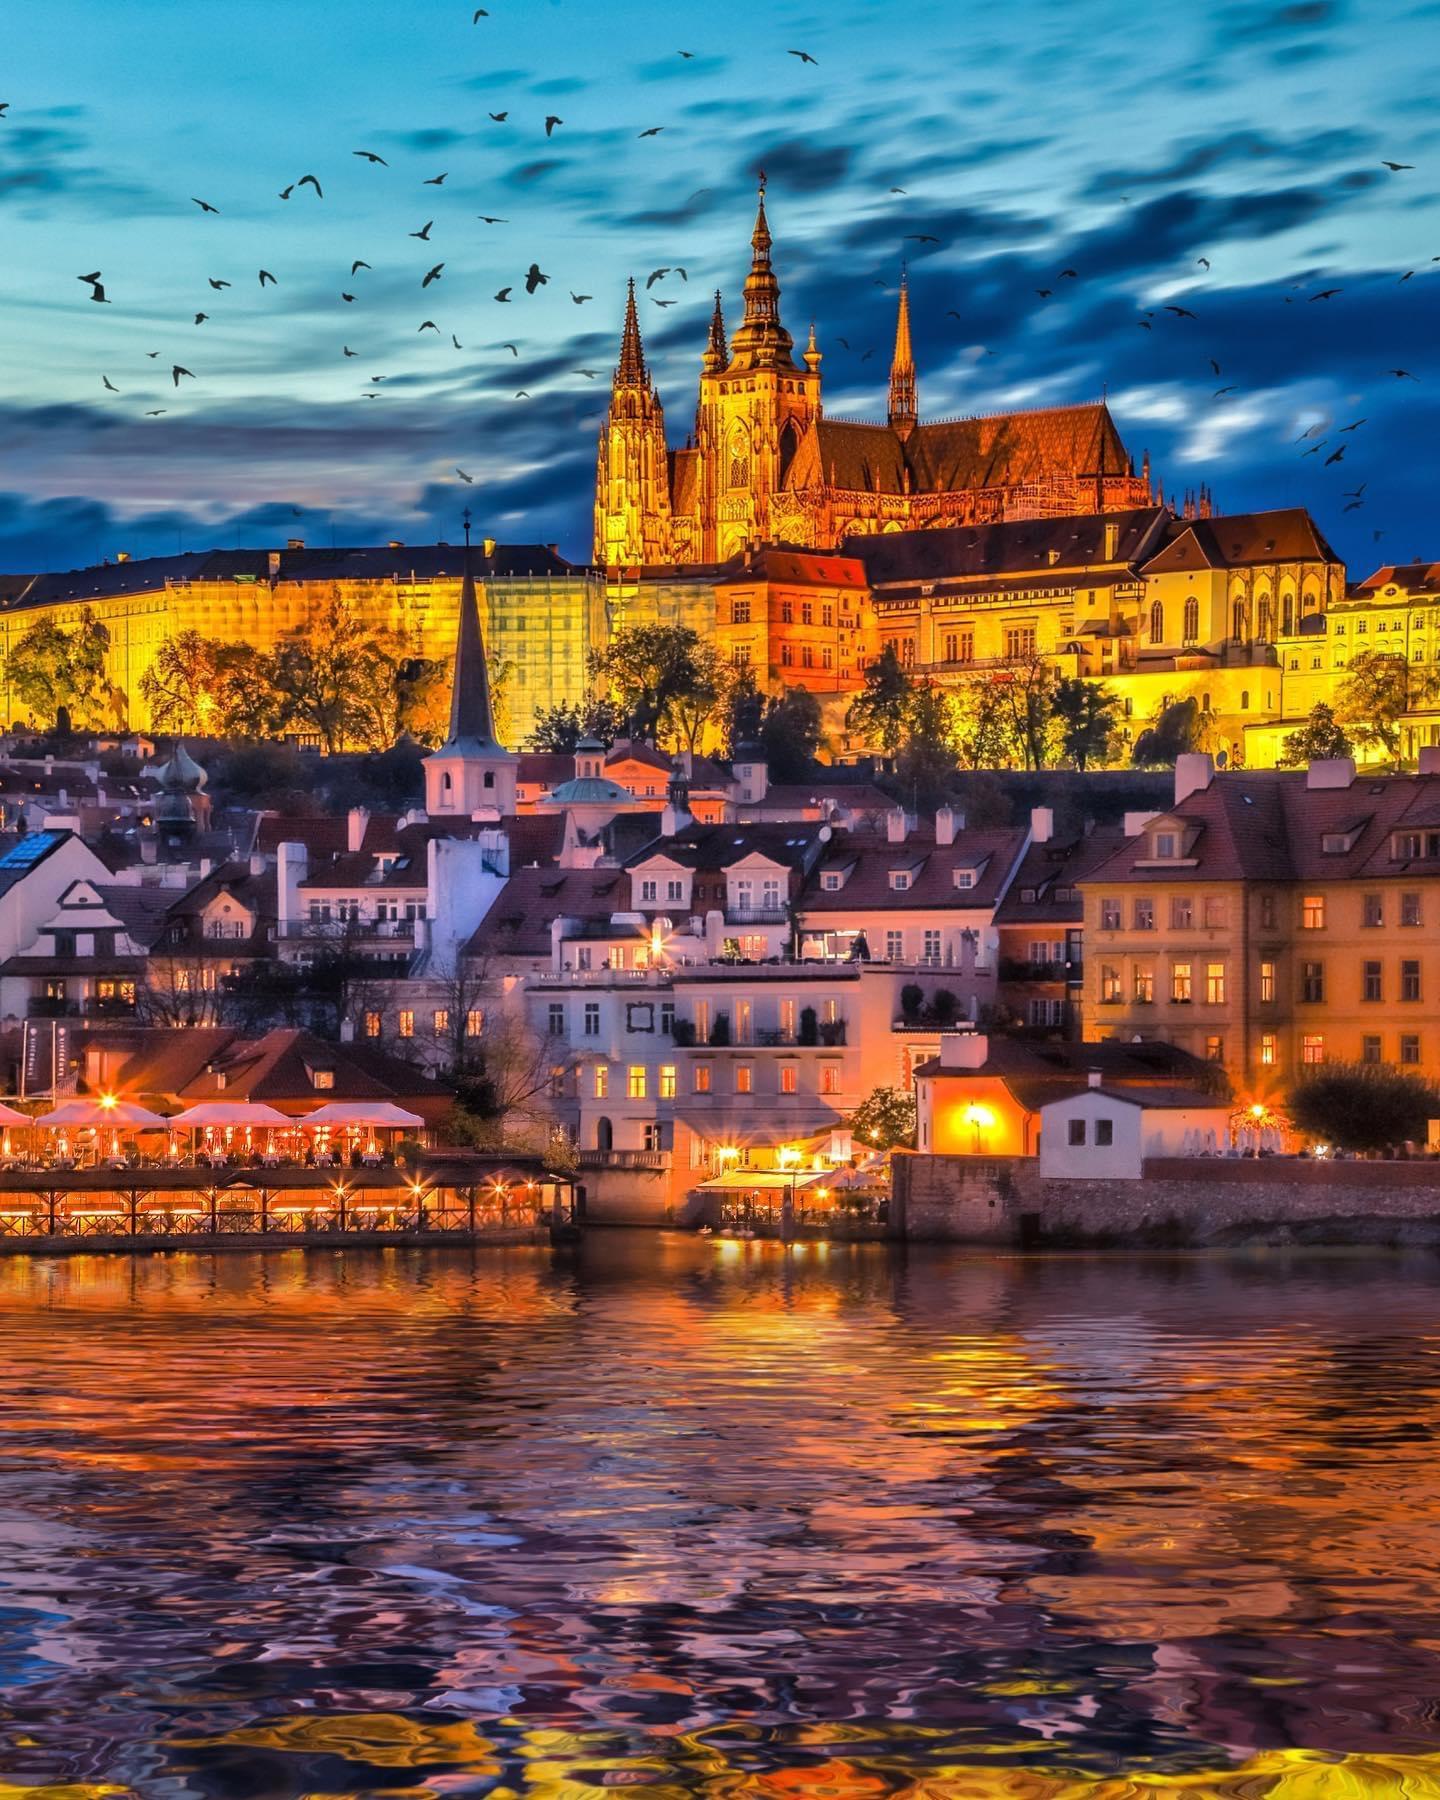 Прага, Чехия. Фото Флориан Ольбрехтс